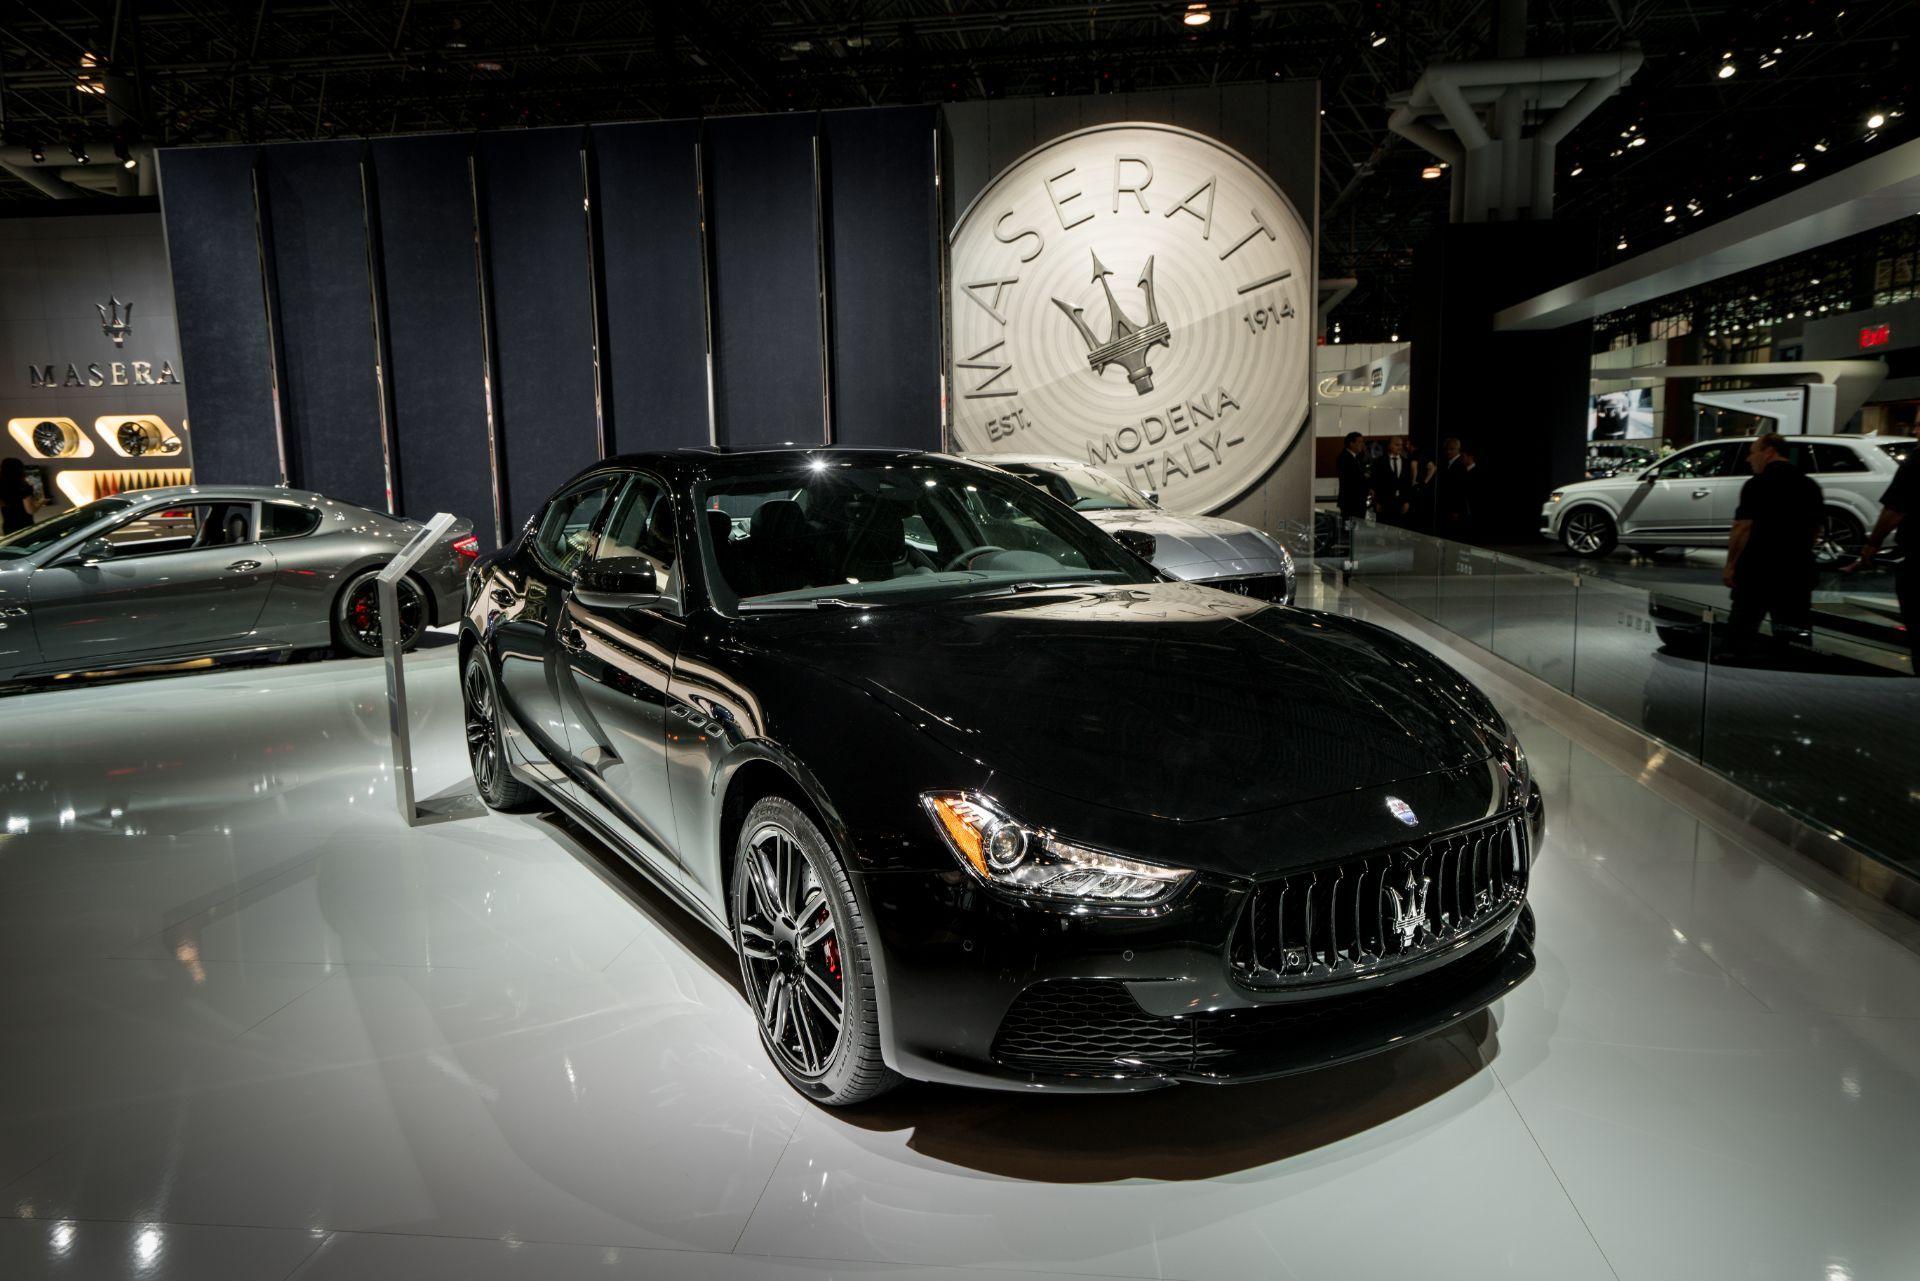 """Maserati revela la edición especial Ghibli """"Nerissimo"""" en el Salón Internacional del Automóvil de Nueva York"""